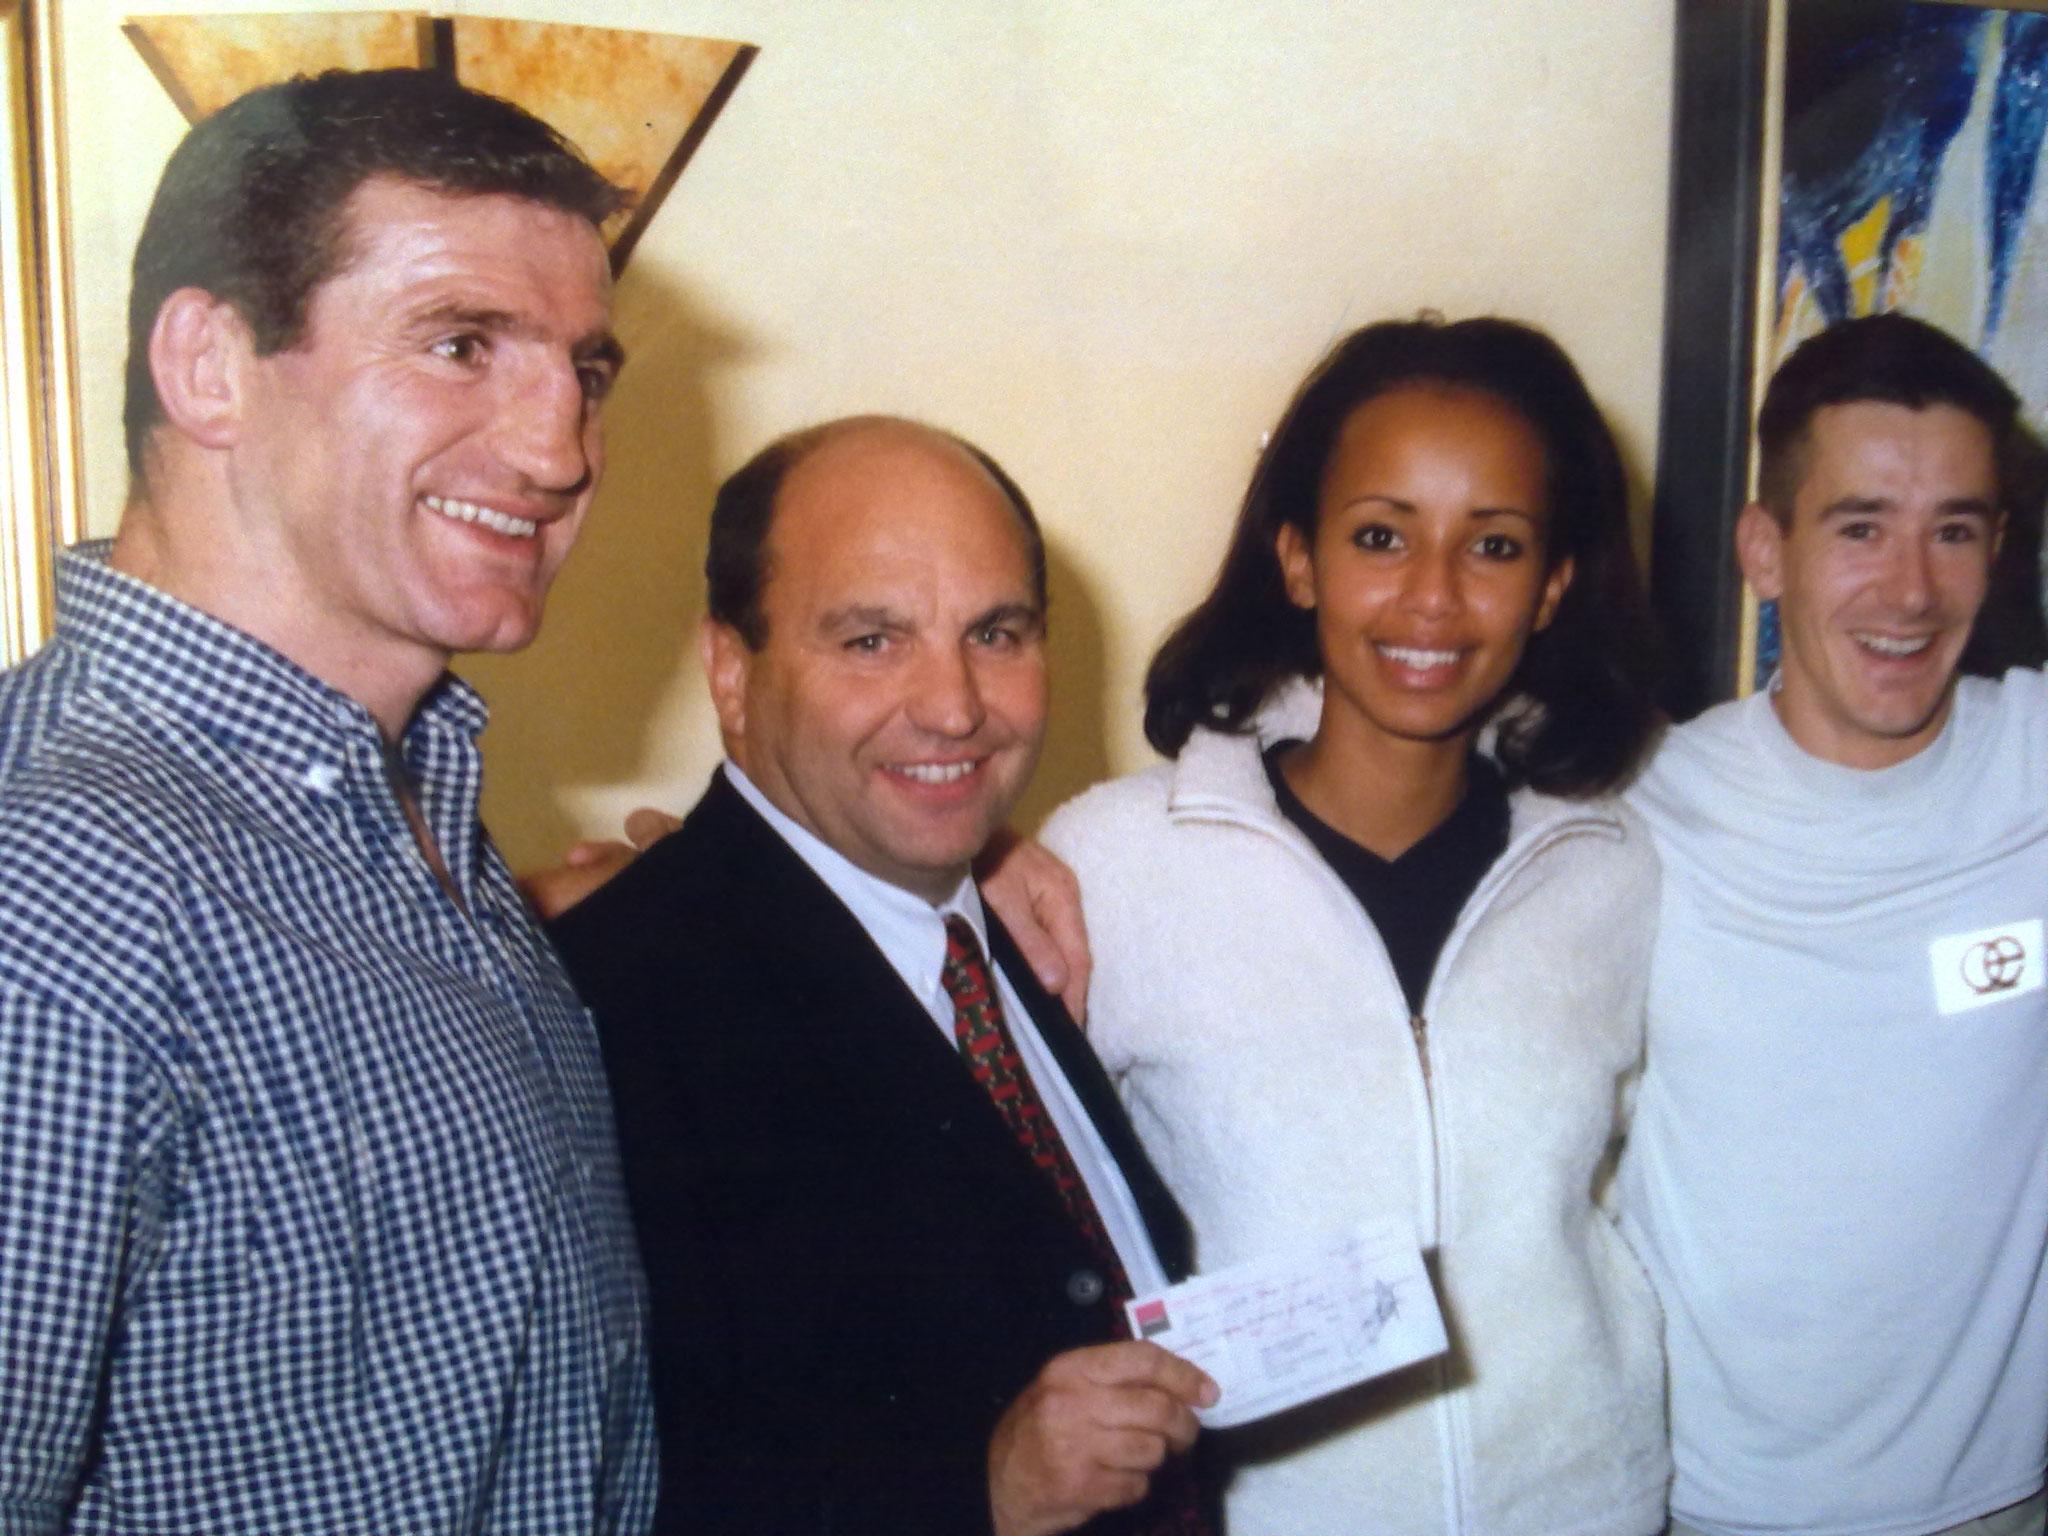 Avec Louisou et Sonia ROLLAND à Bercy après le record du monde de l'heure pour soutenir Naevus 2000